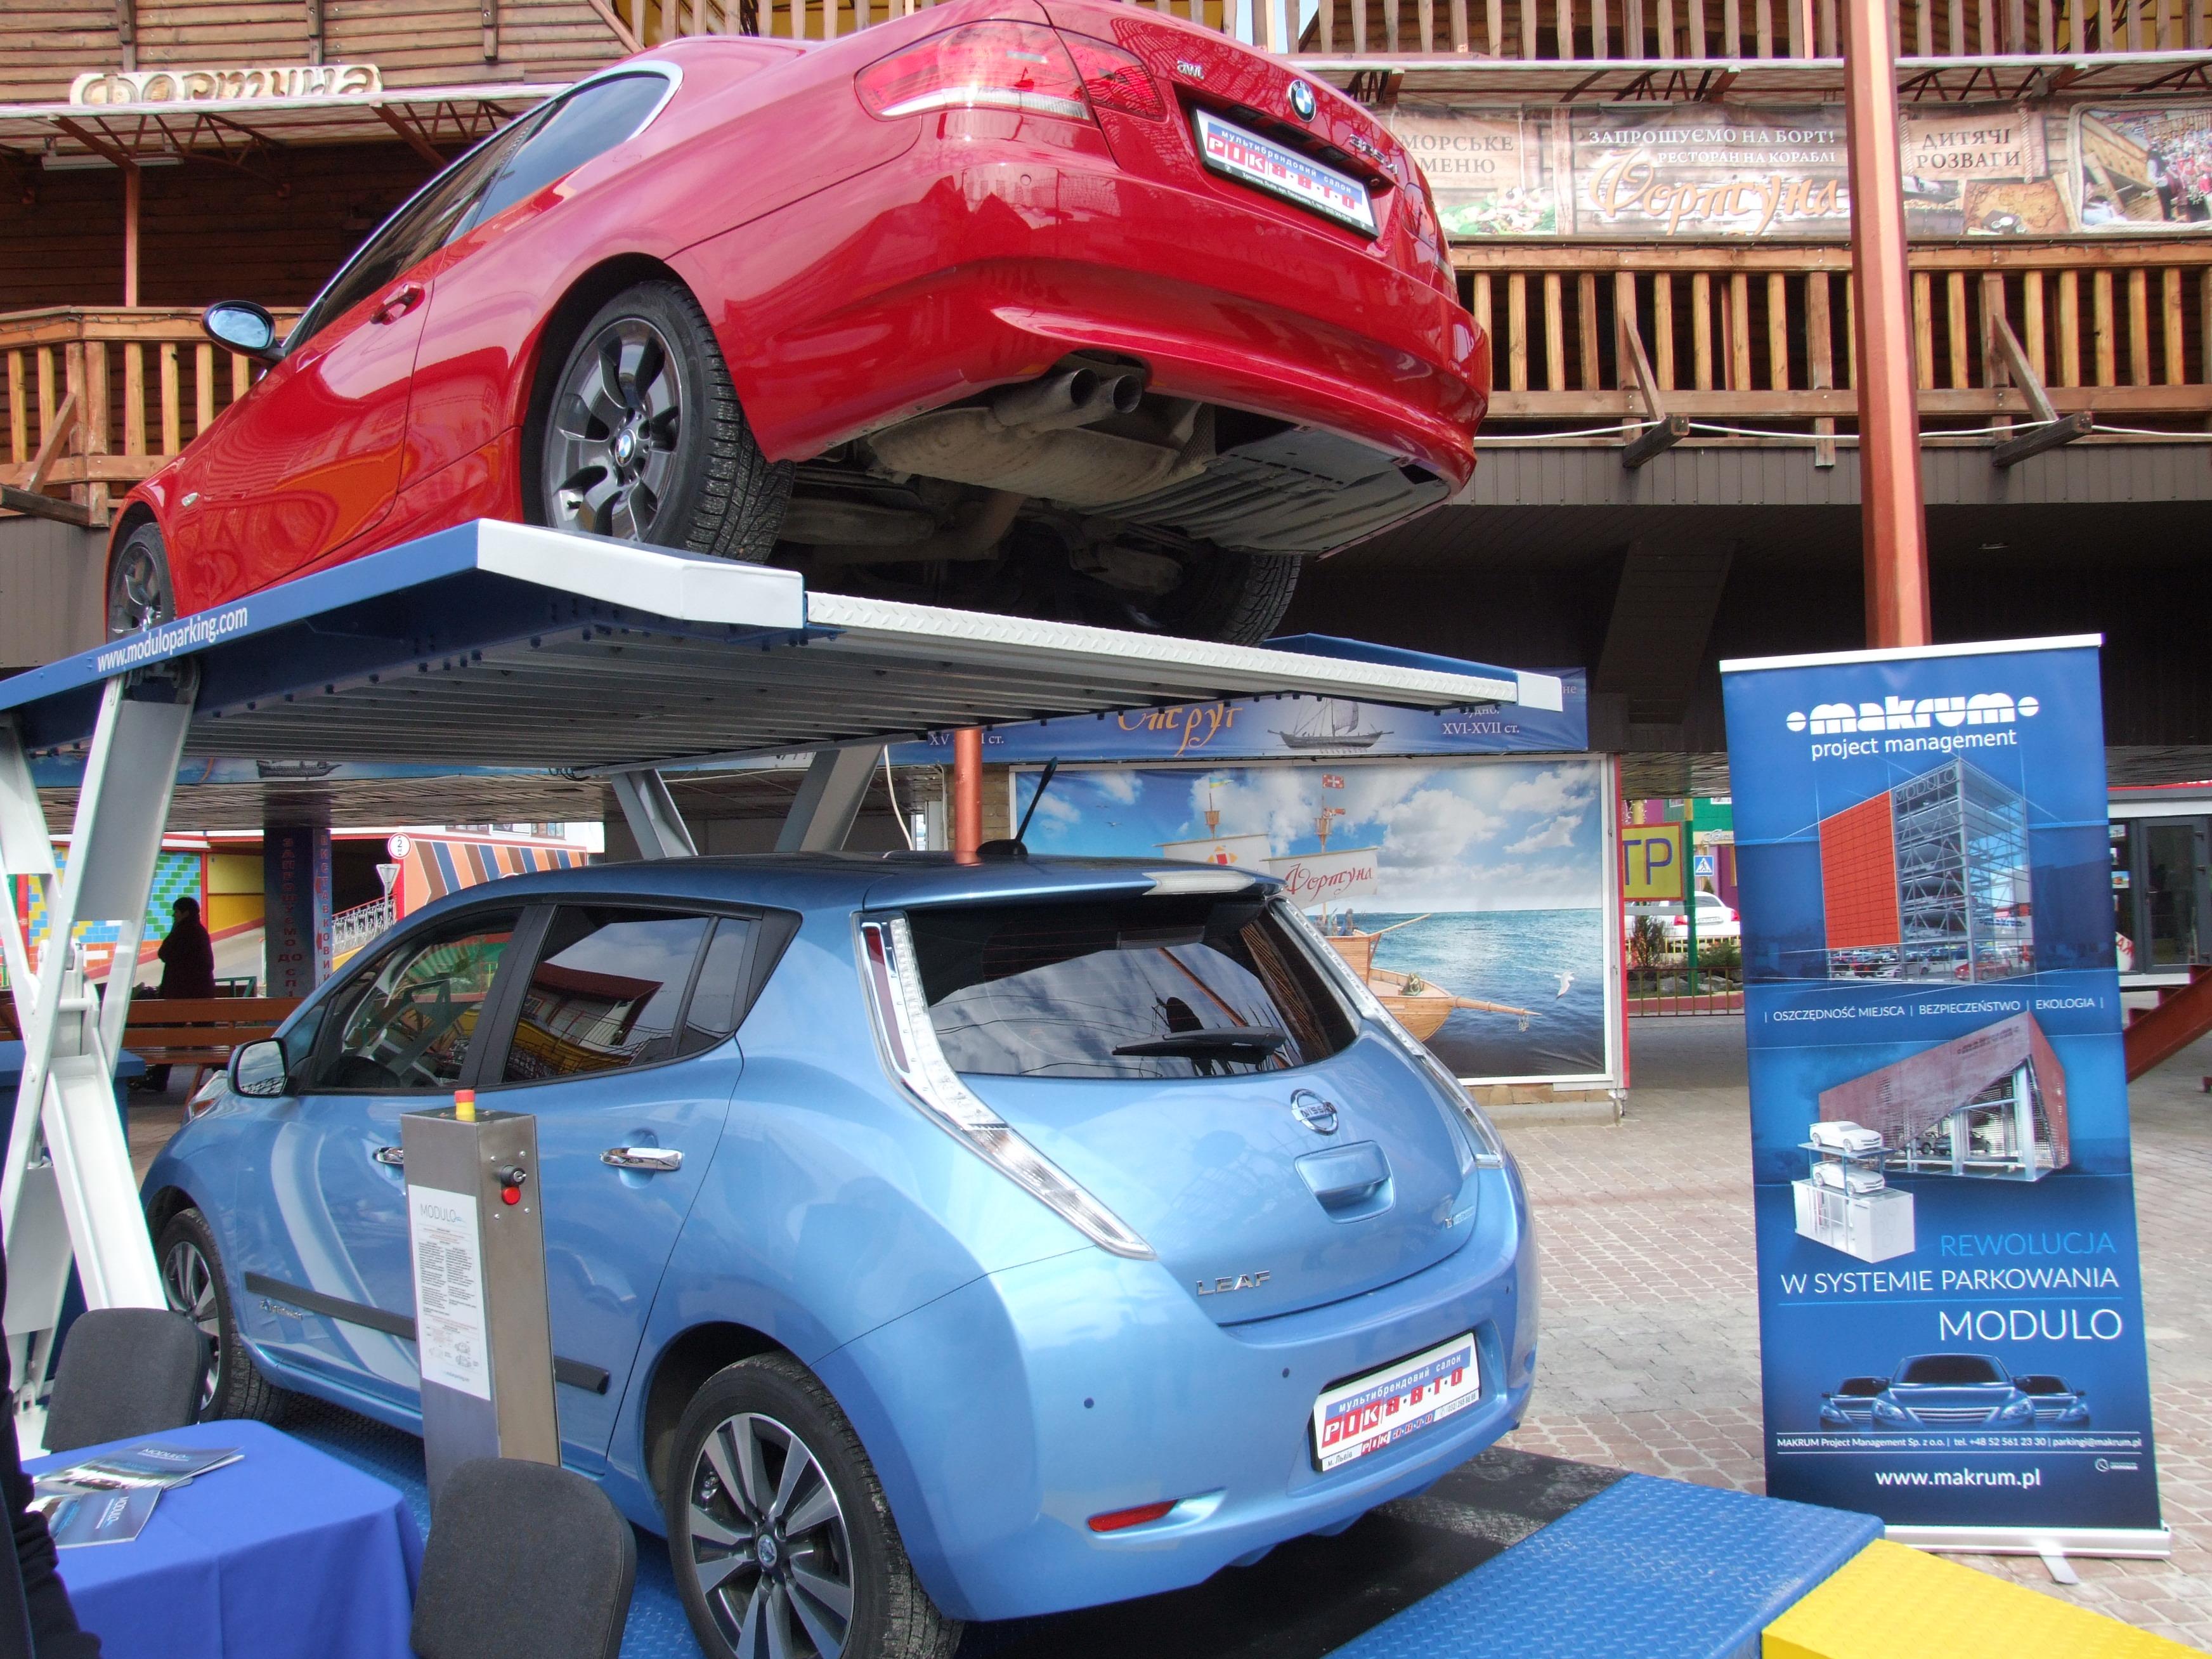 Prezentacja parkingów MODULO na Targach Budexpo na Ukrainie